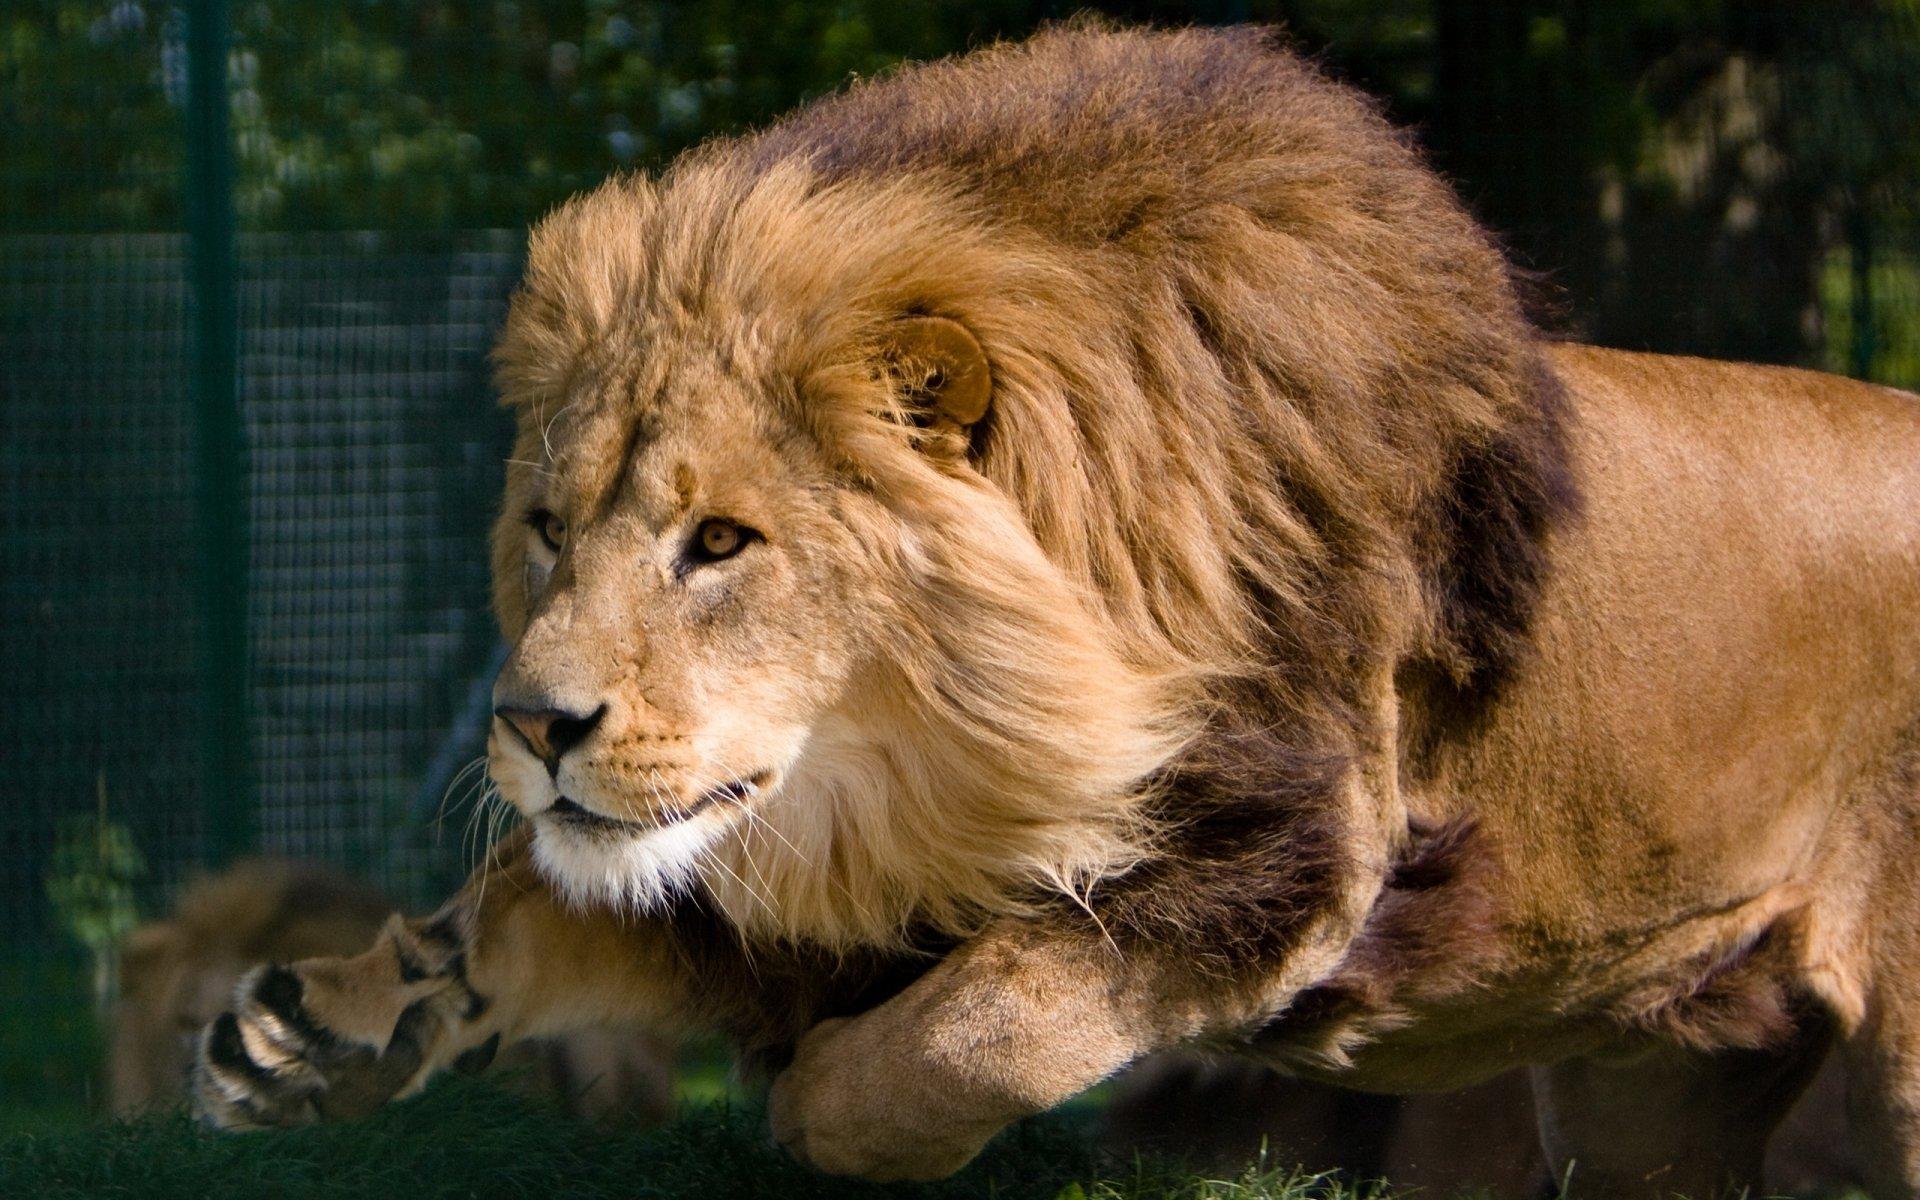 Animal - Lion  Wallpaper